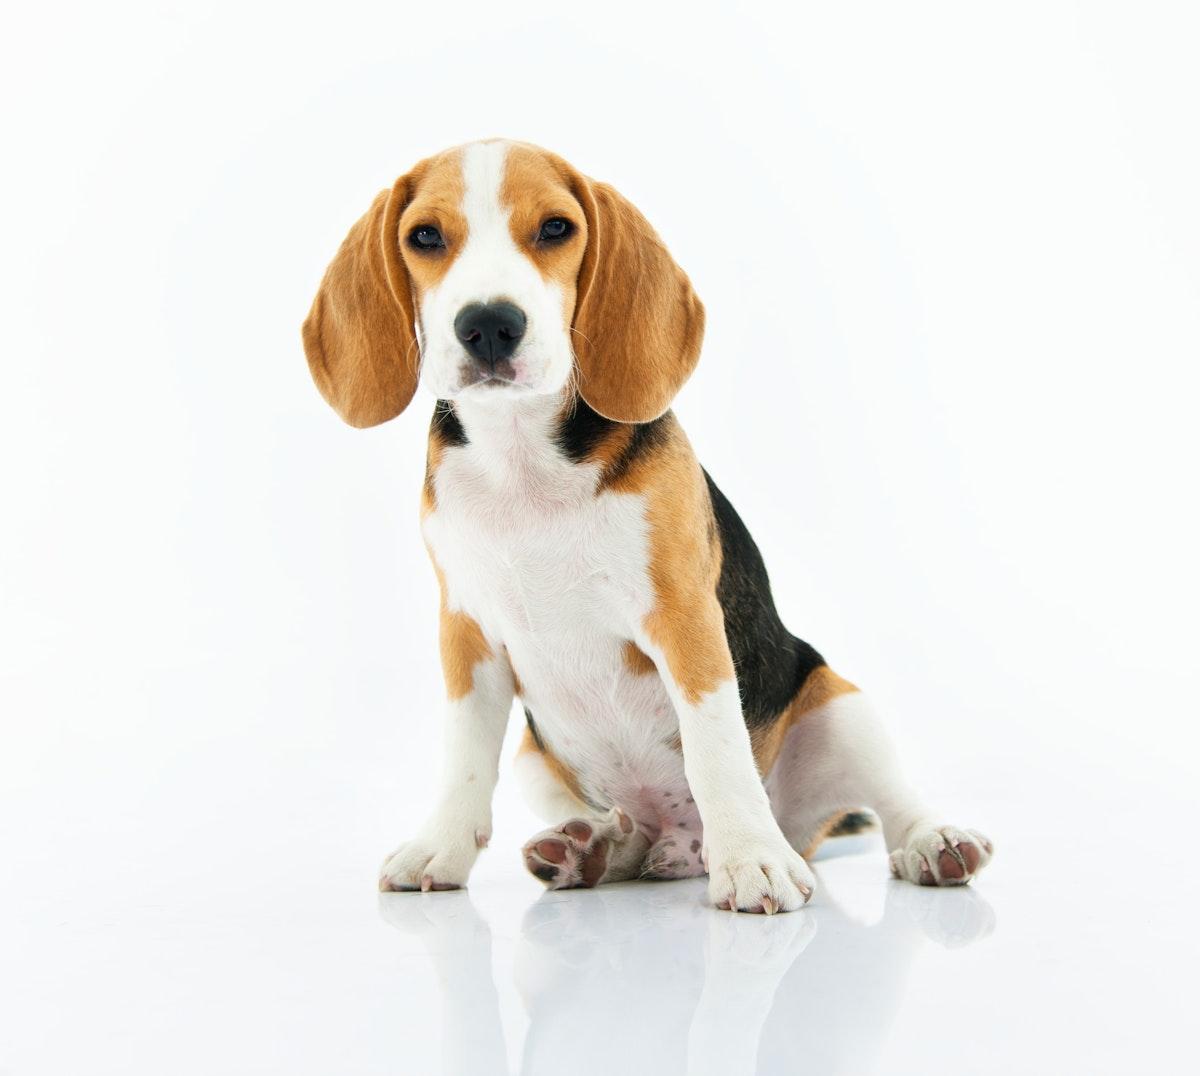 Beagle dog sitting with white background